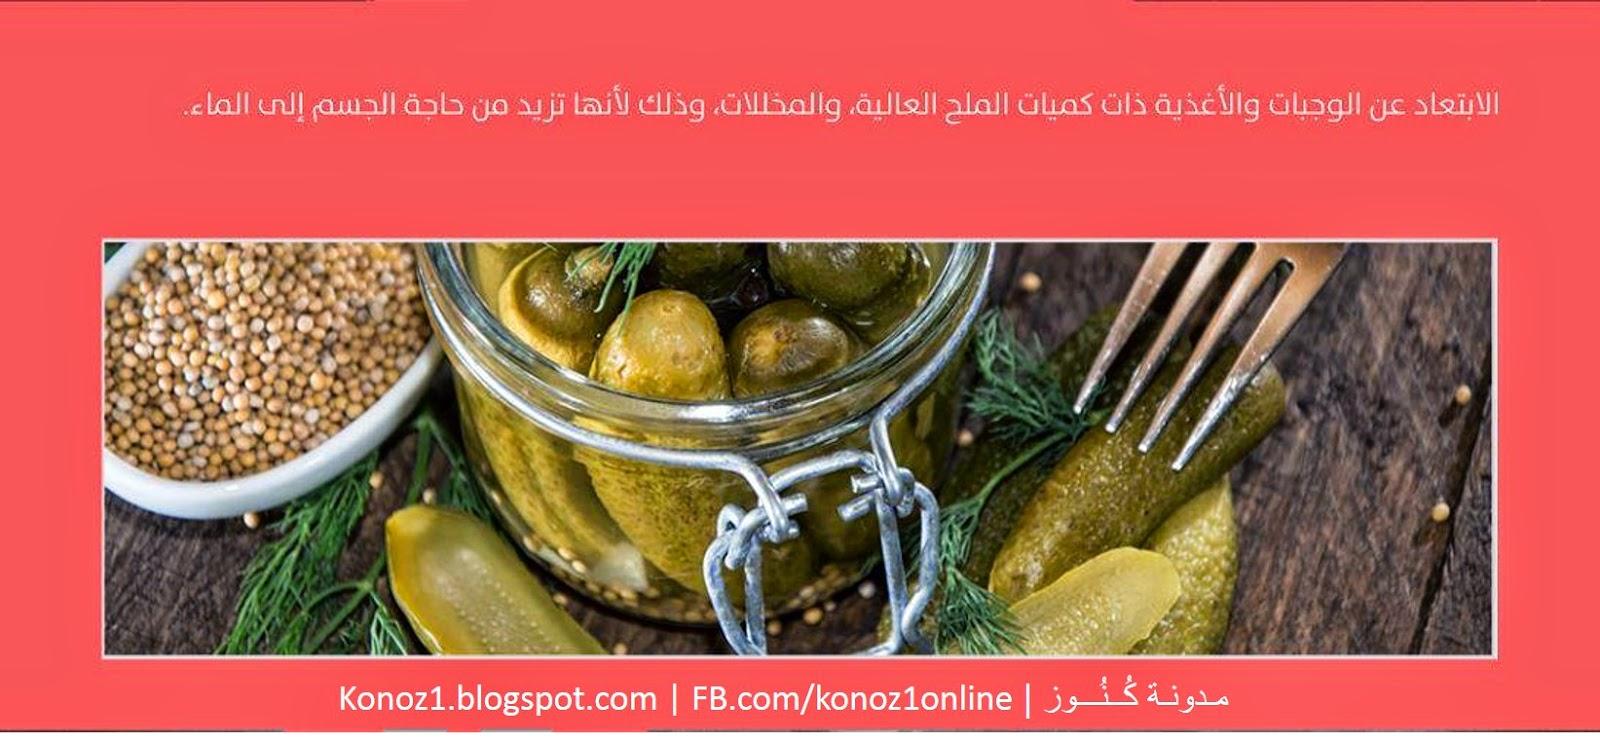 كيف تتغلب على العطش في رمضان-مدونة كنوز